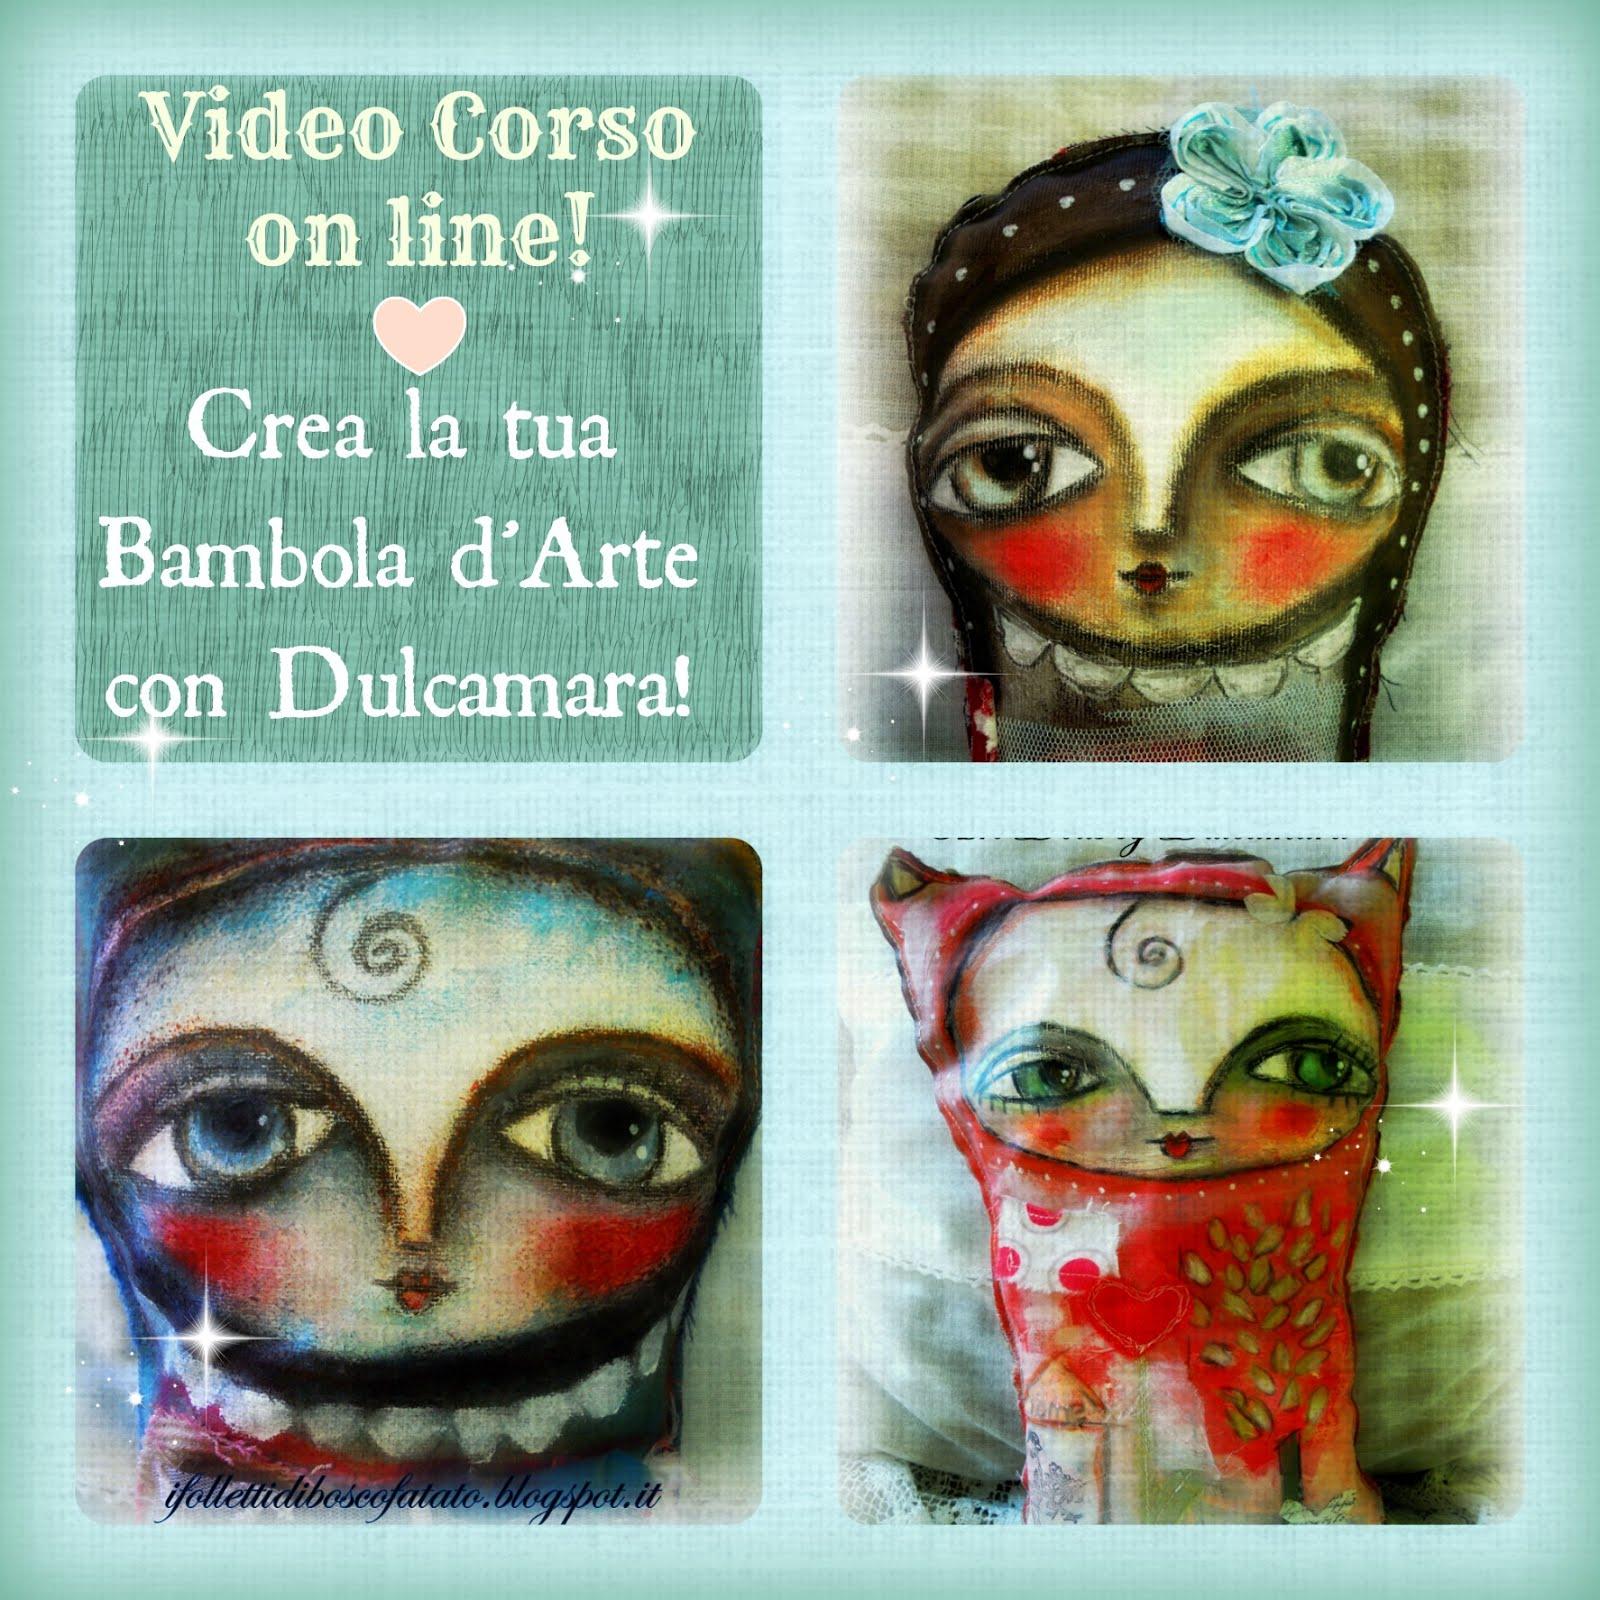 Vuoi imparare a creare la tua bambola d'Arte?